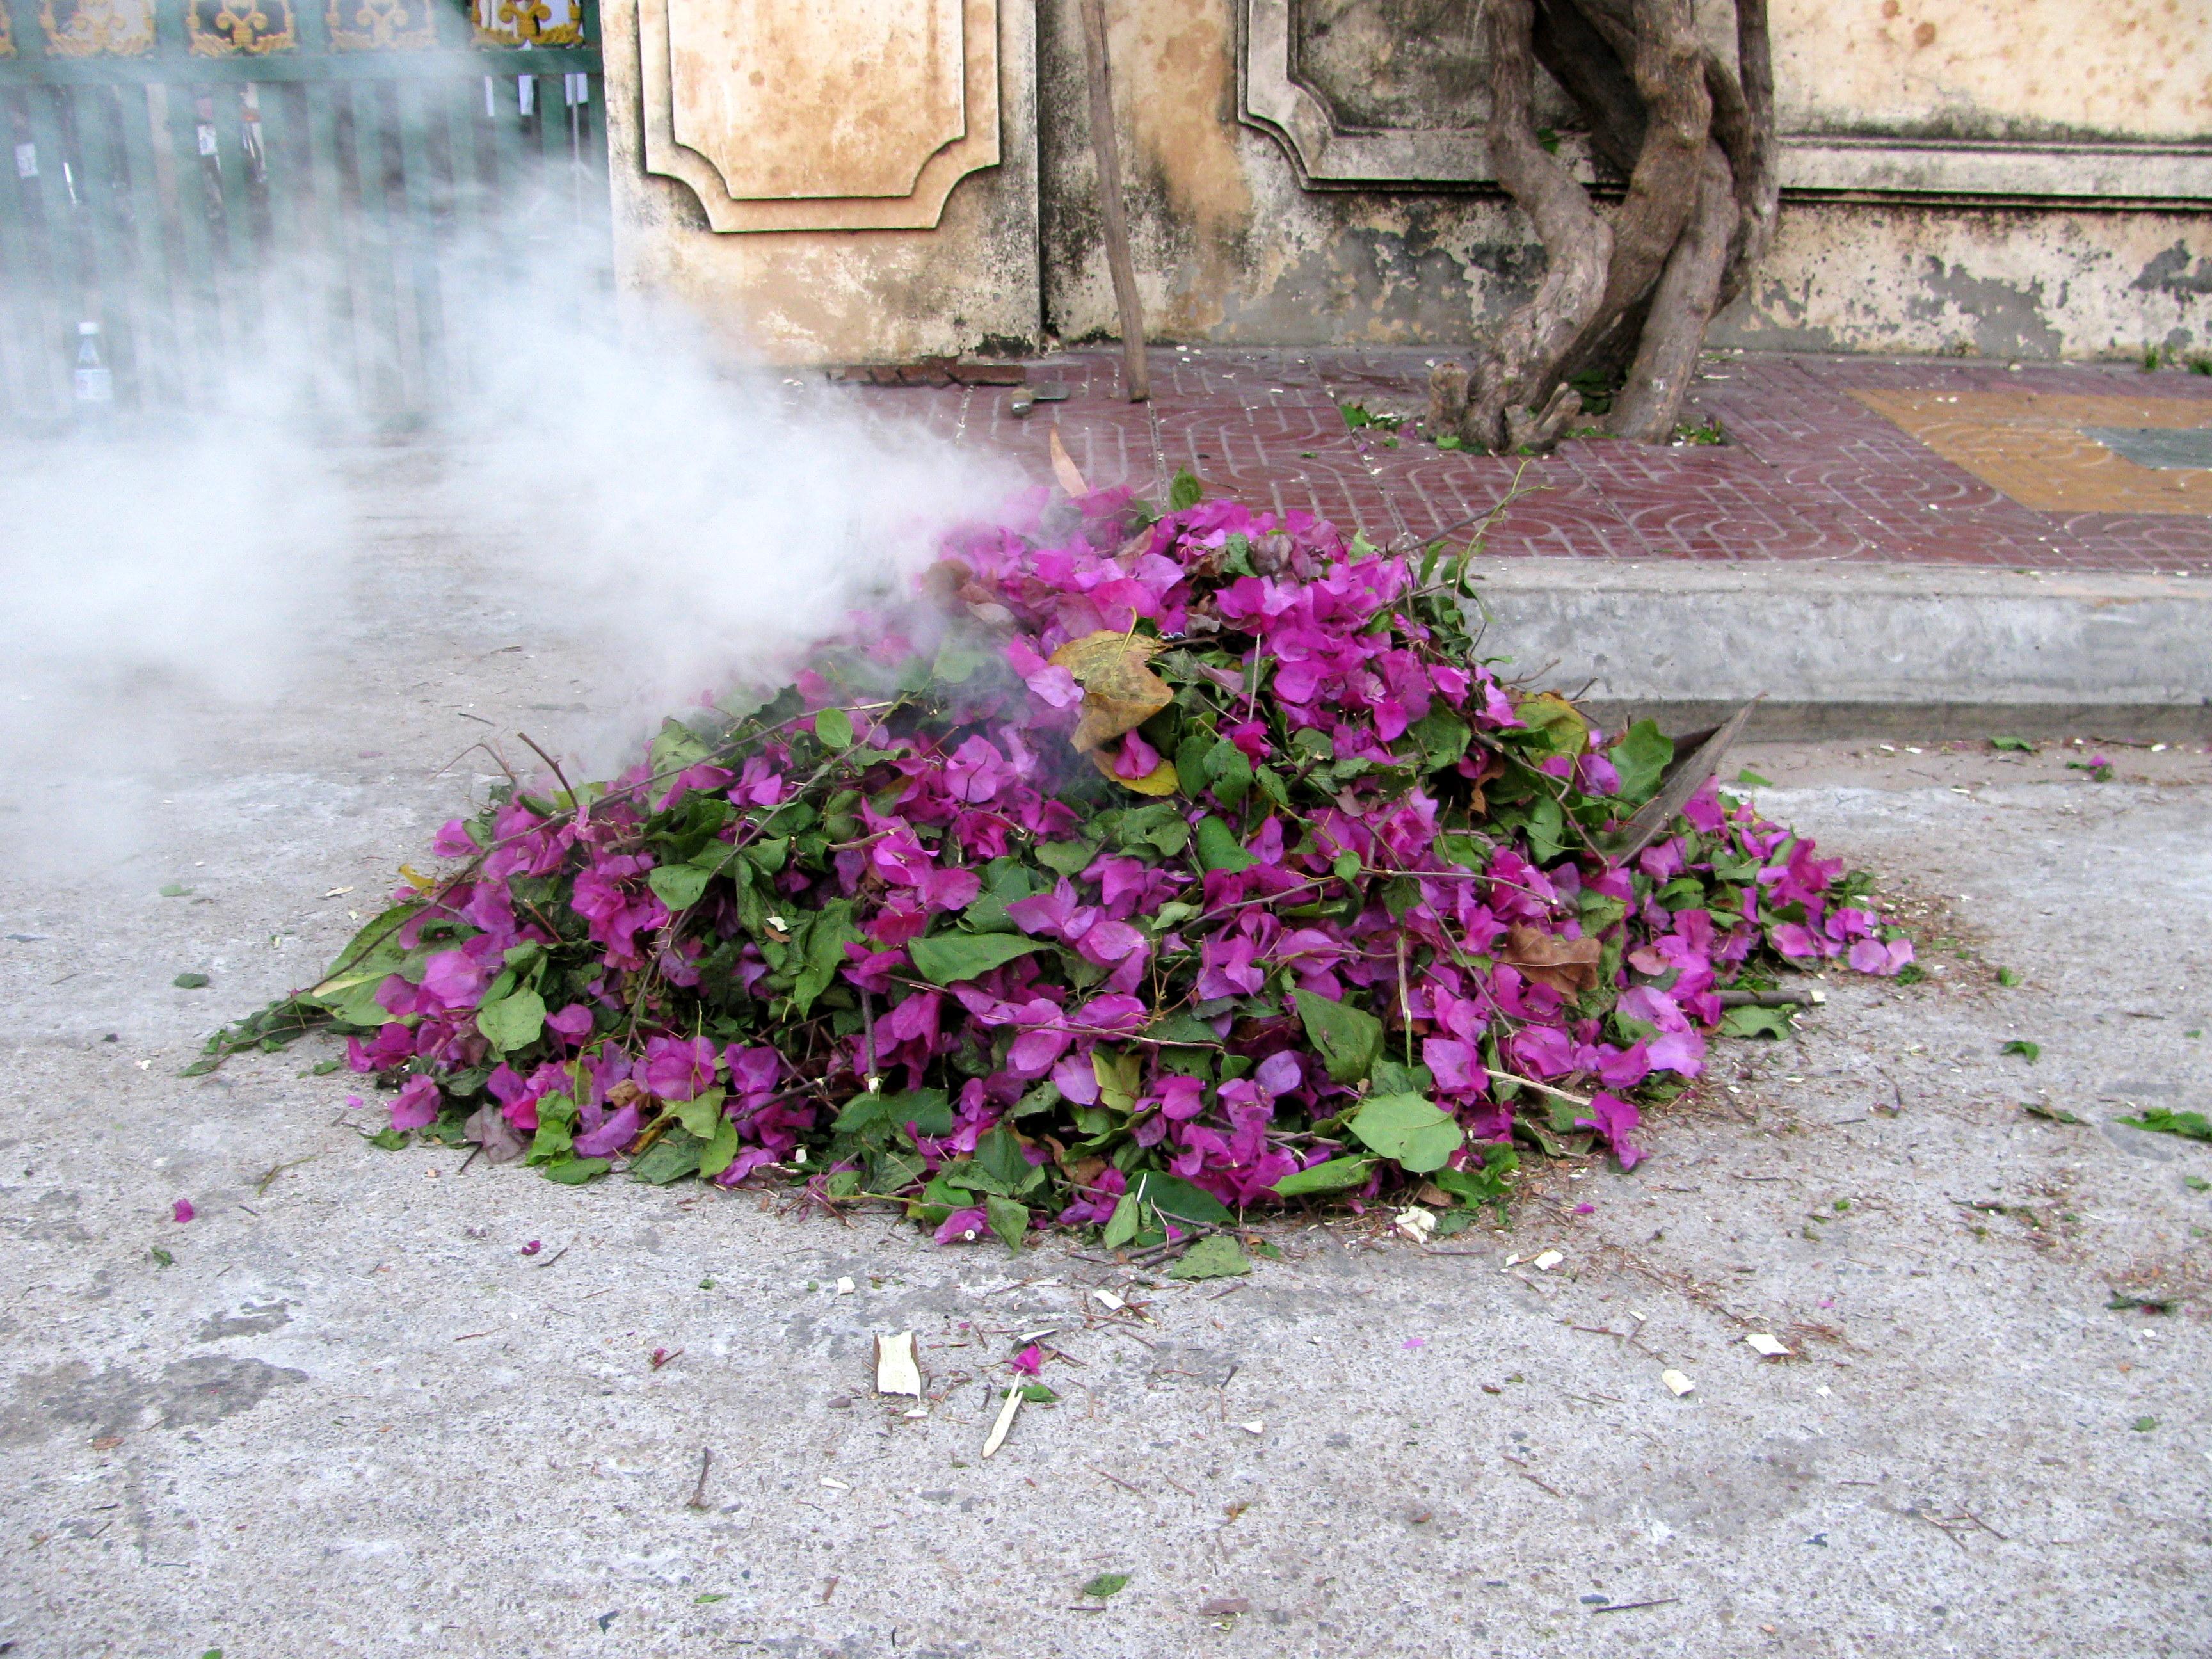 Burning foliage/trash, Phnom Penh, Cambodia